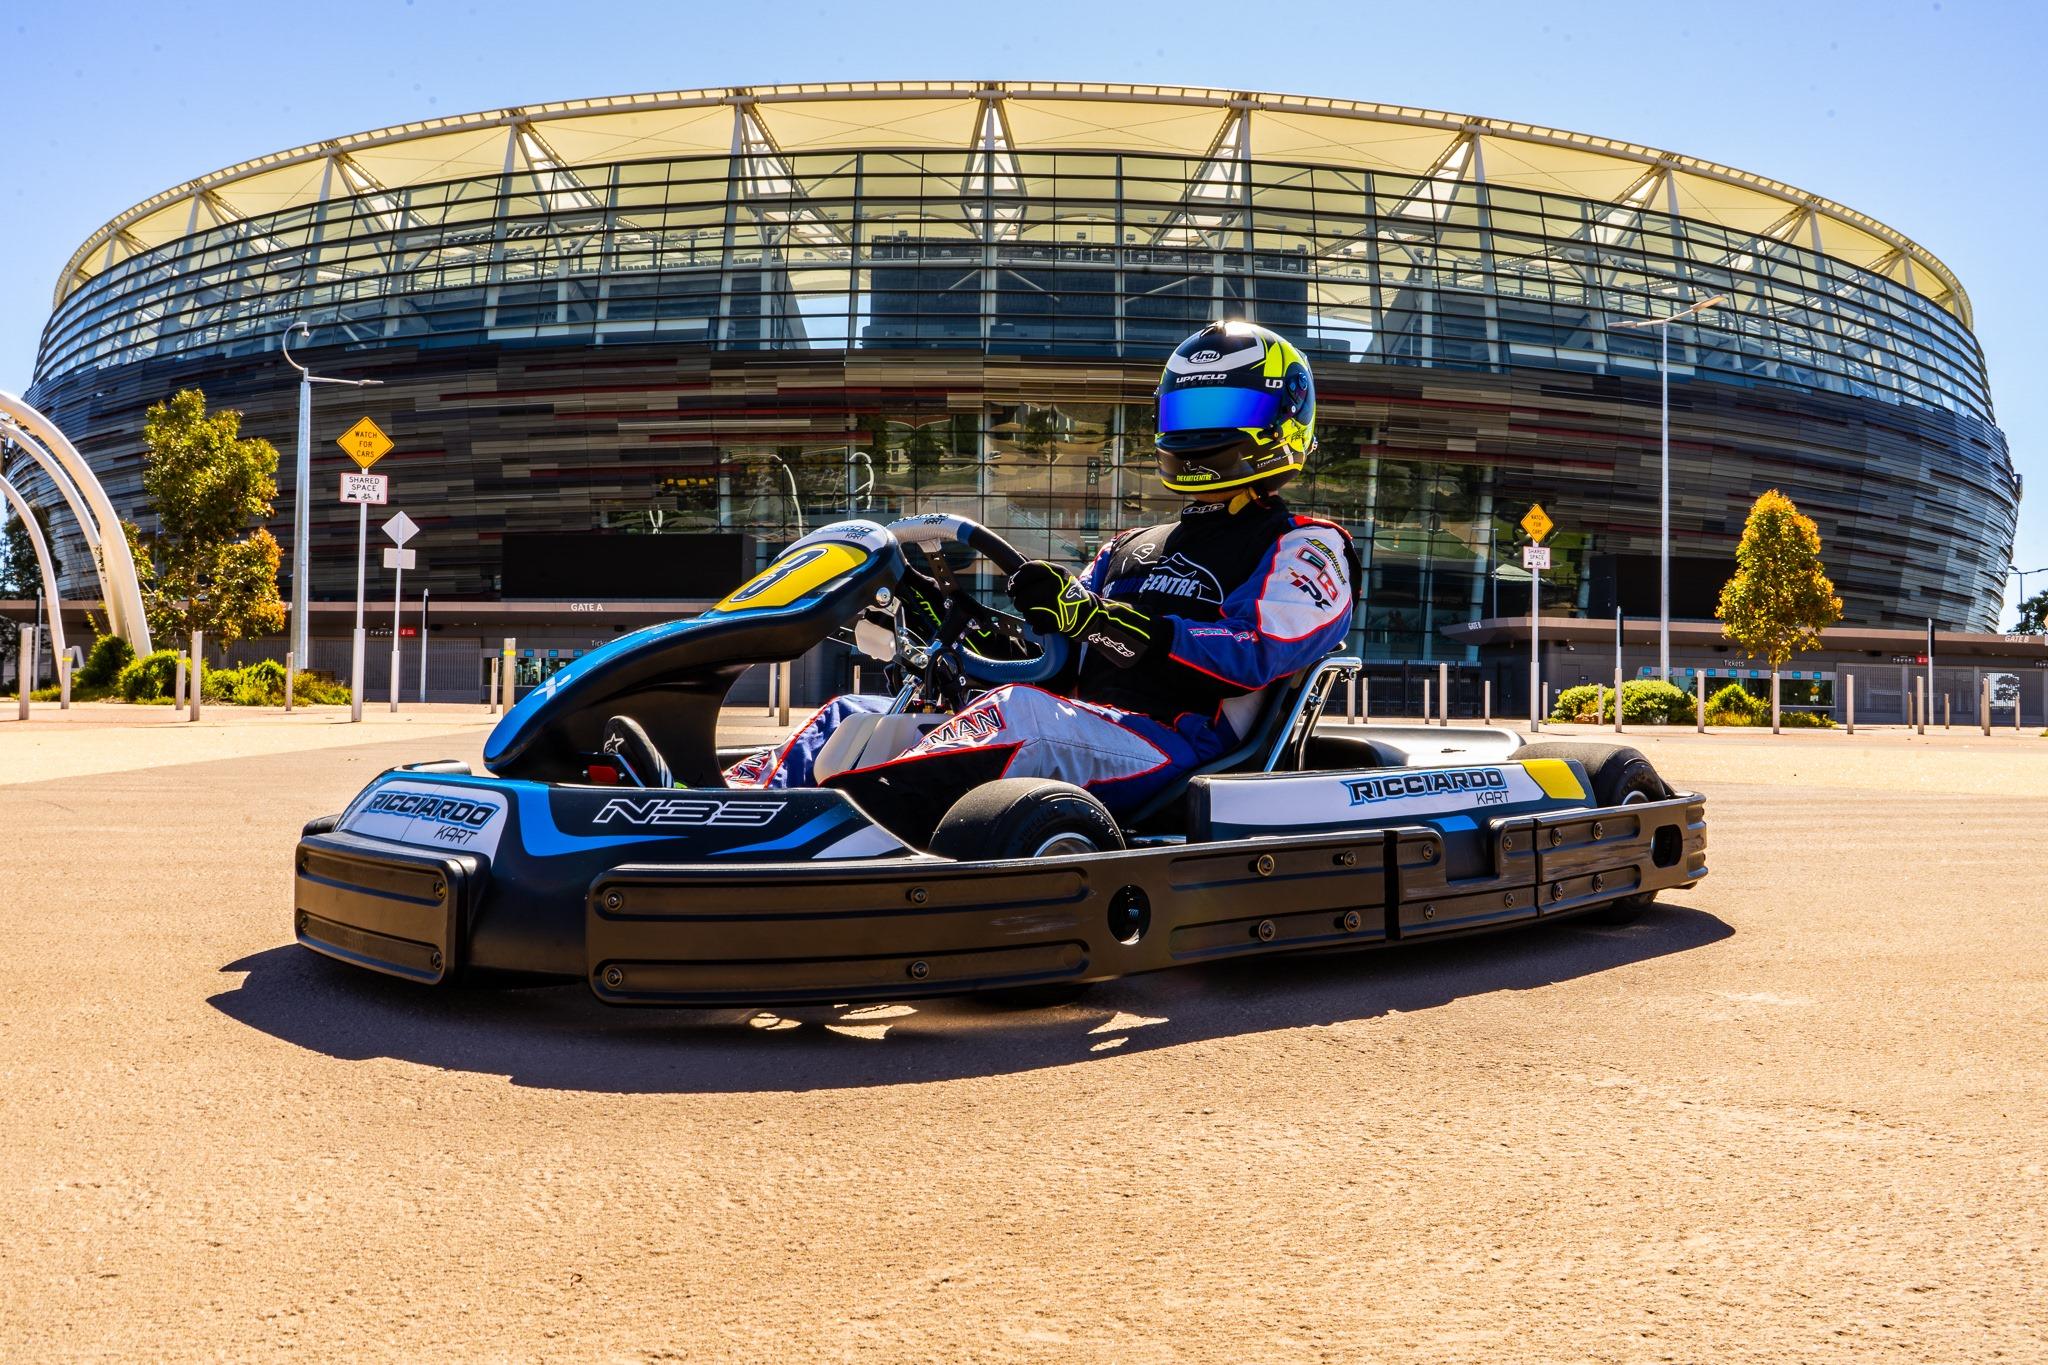 Go kart in front of Optus Stadium